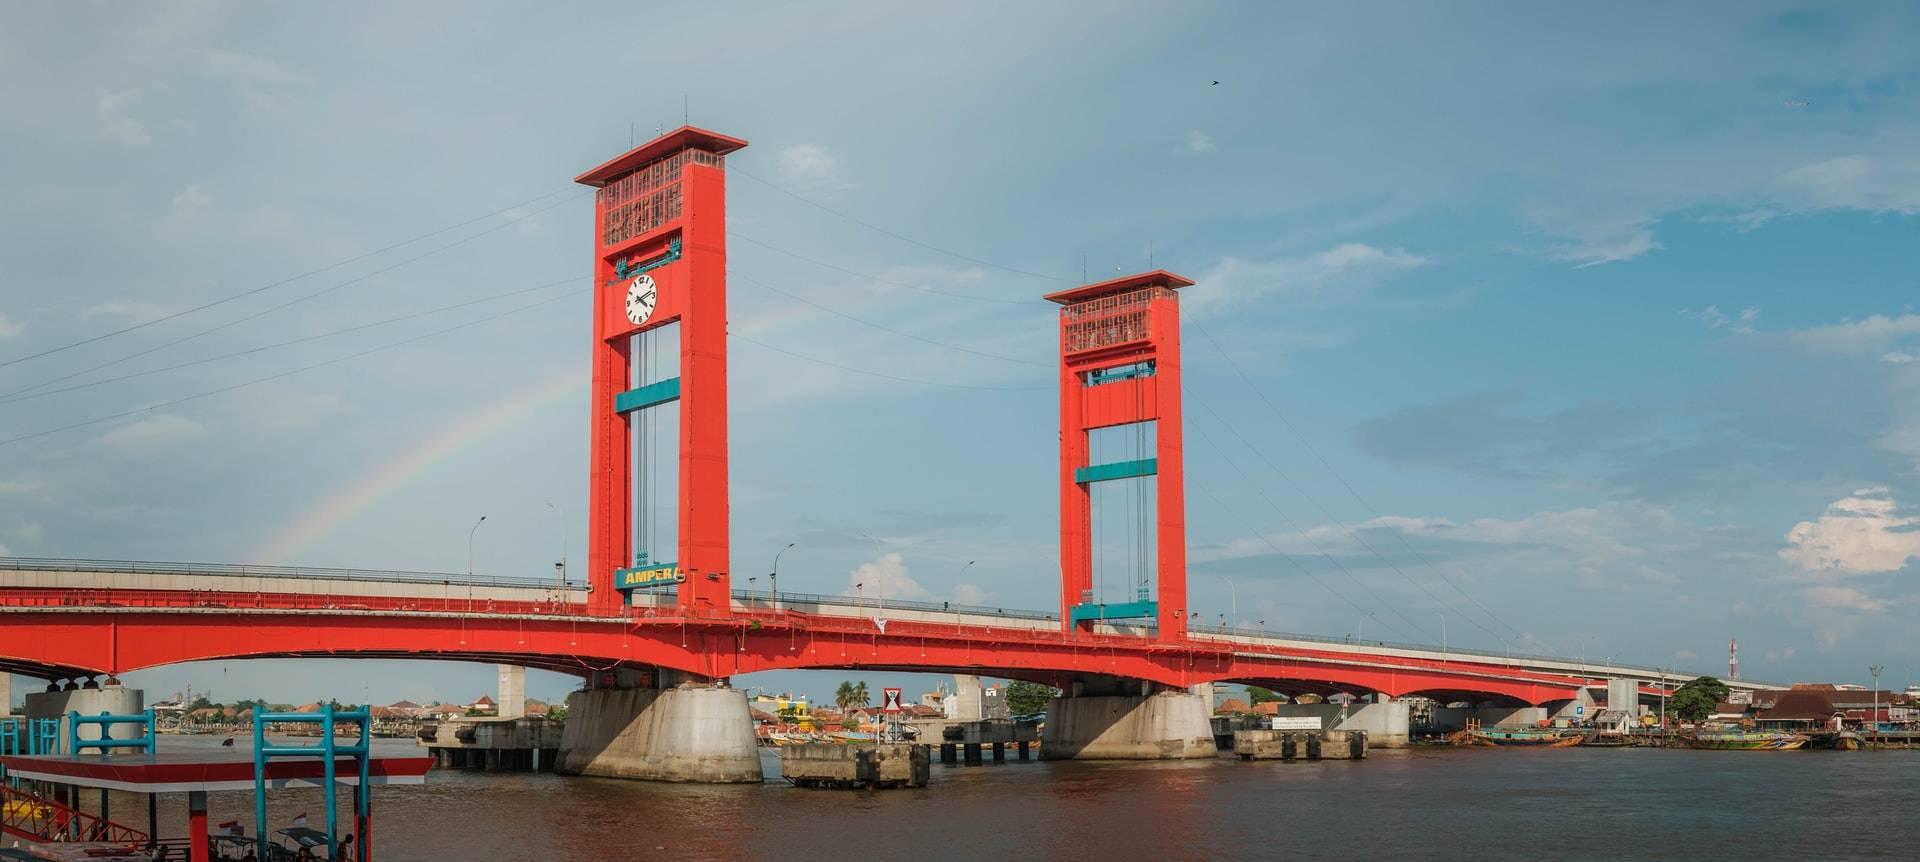 Jembatan Ampera Sumatra Selatan Indonesia